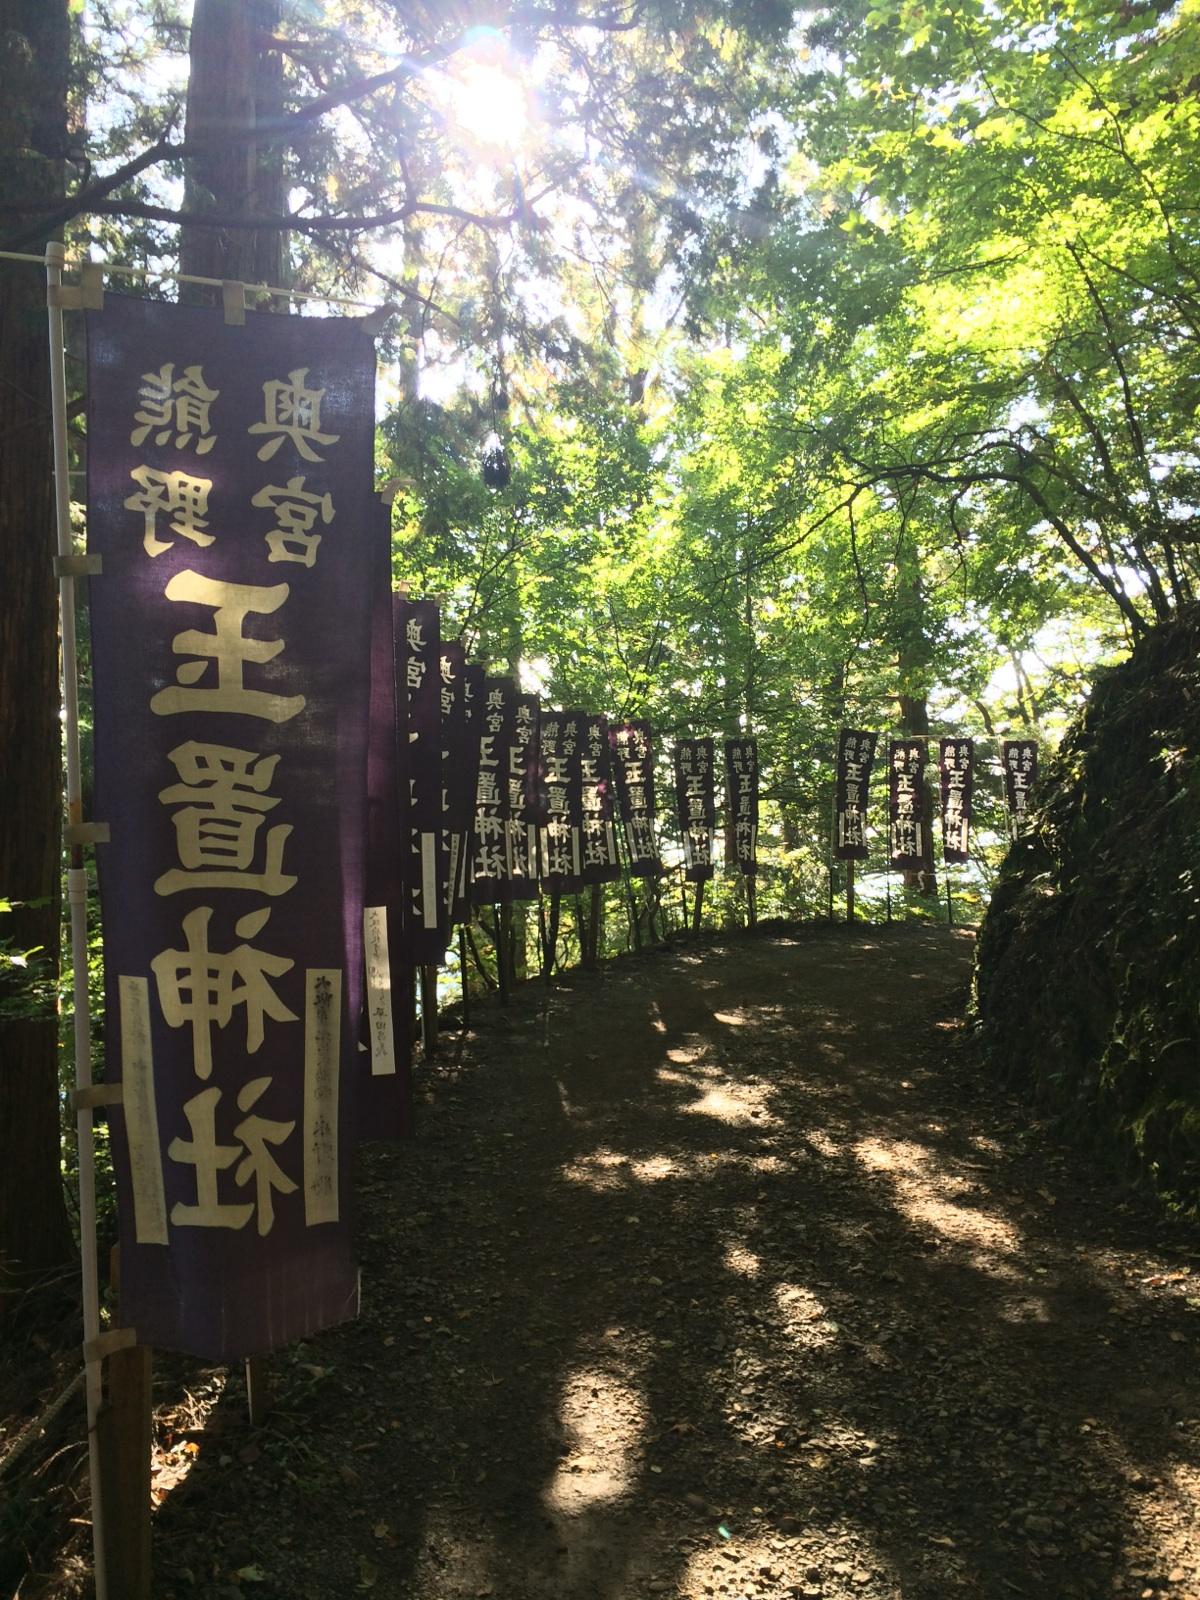 10月23.24日 世界遺産 玉置神社へのハーブの御奉納を致しました。